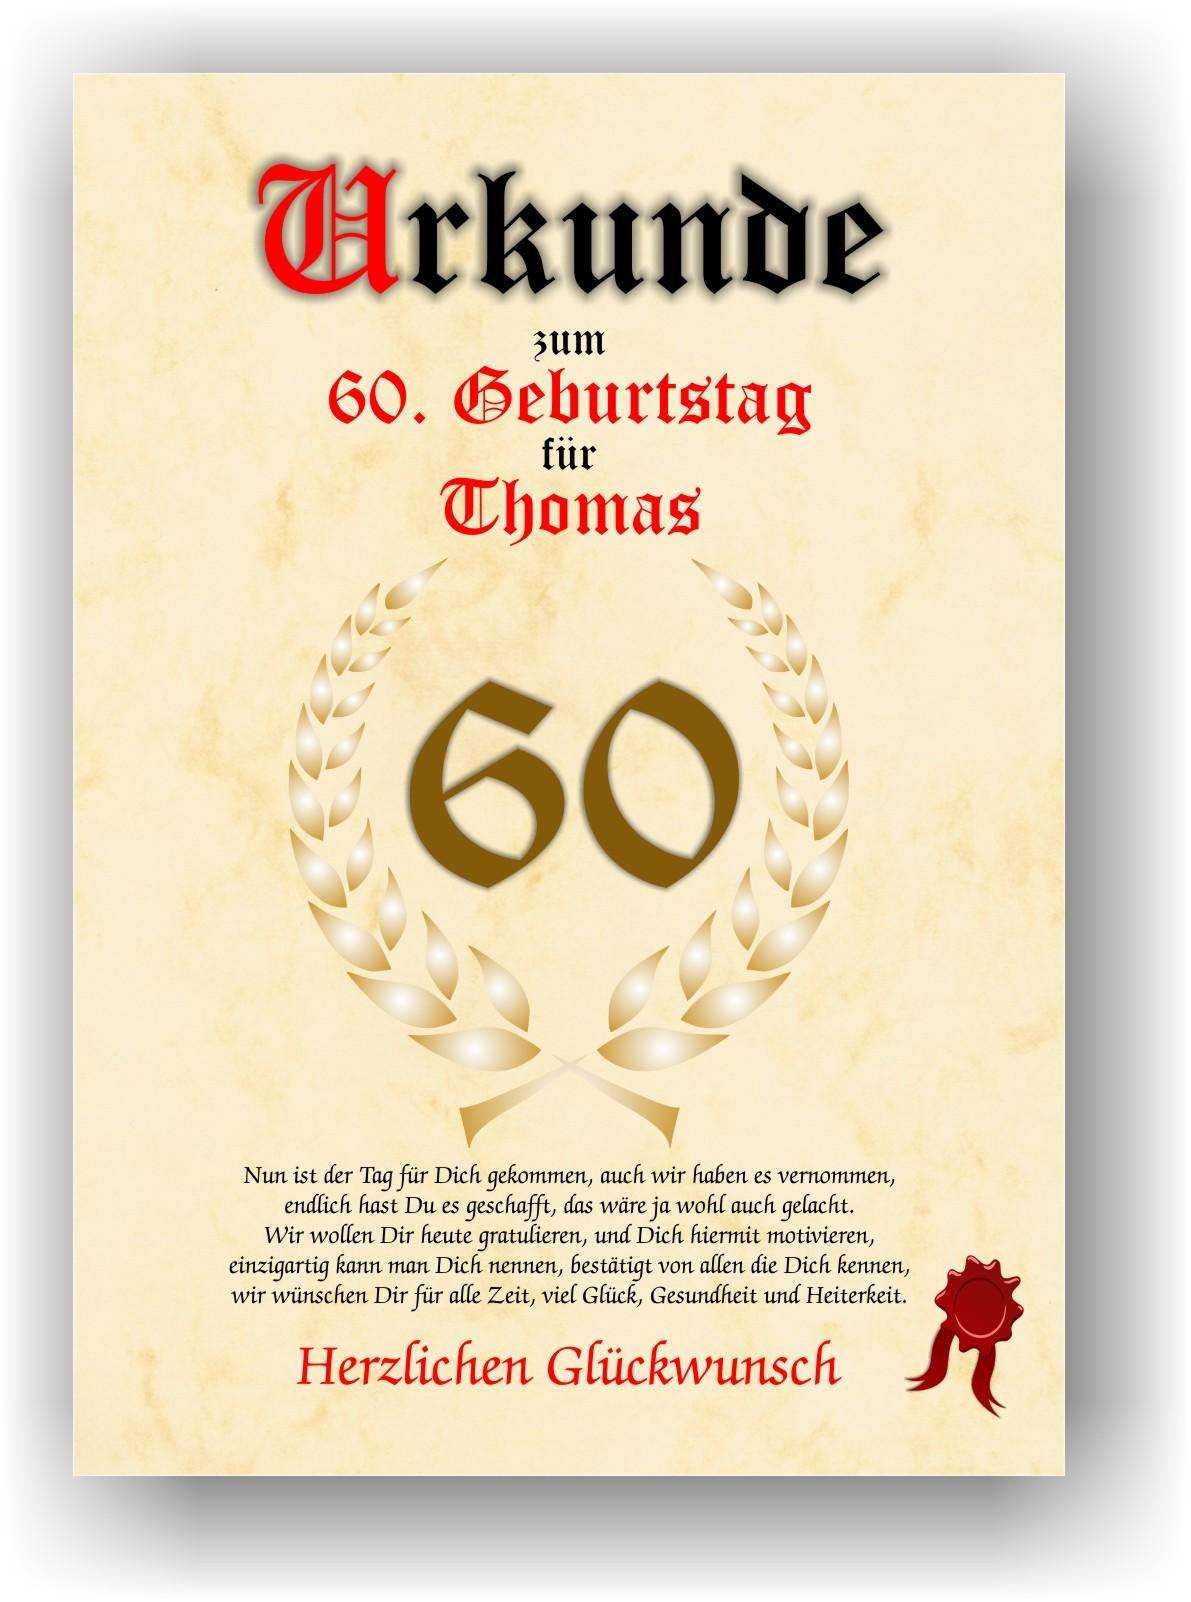 Urkunde Geburtstag 60 Jahre Geschenk Geschenkidee Spruch Lorbeerblatt  Namensdruck Gedicht Party Deko Bild Mit Namen Personalisiert